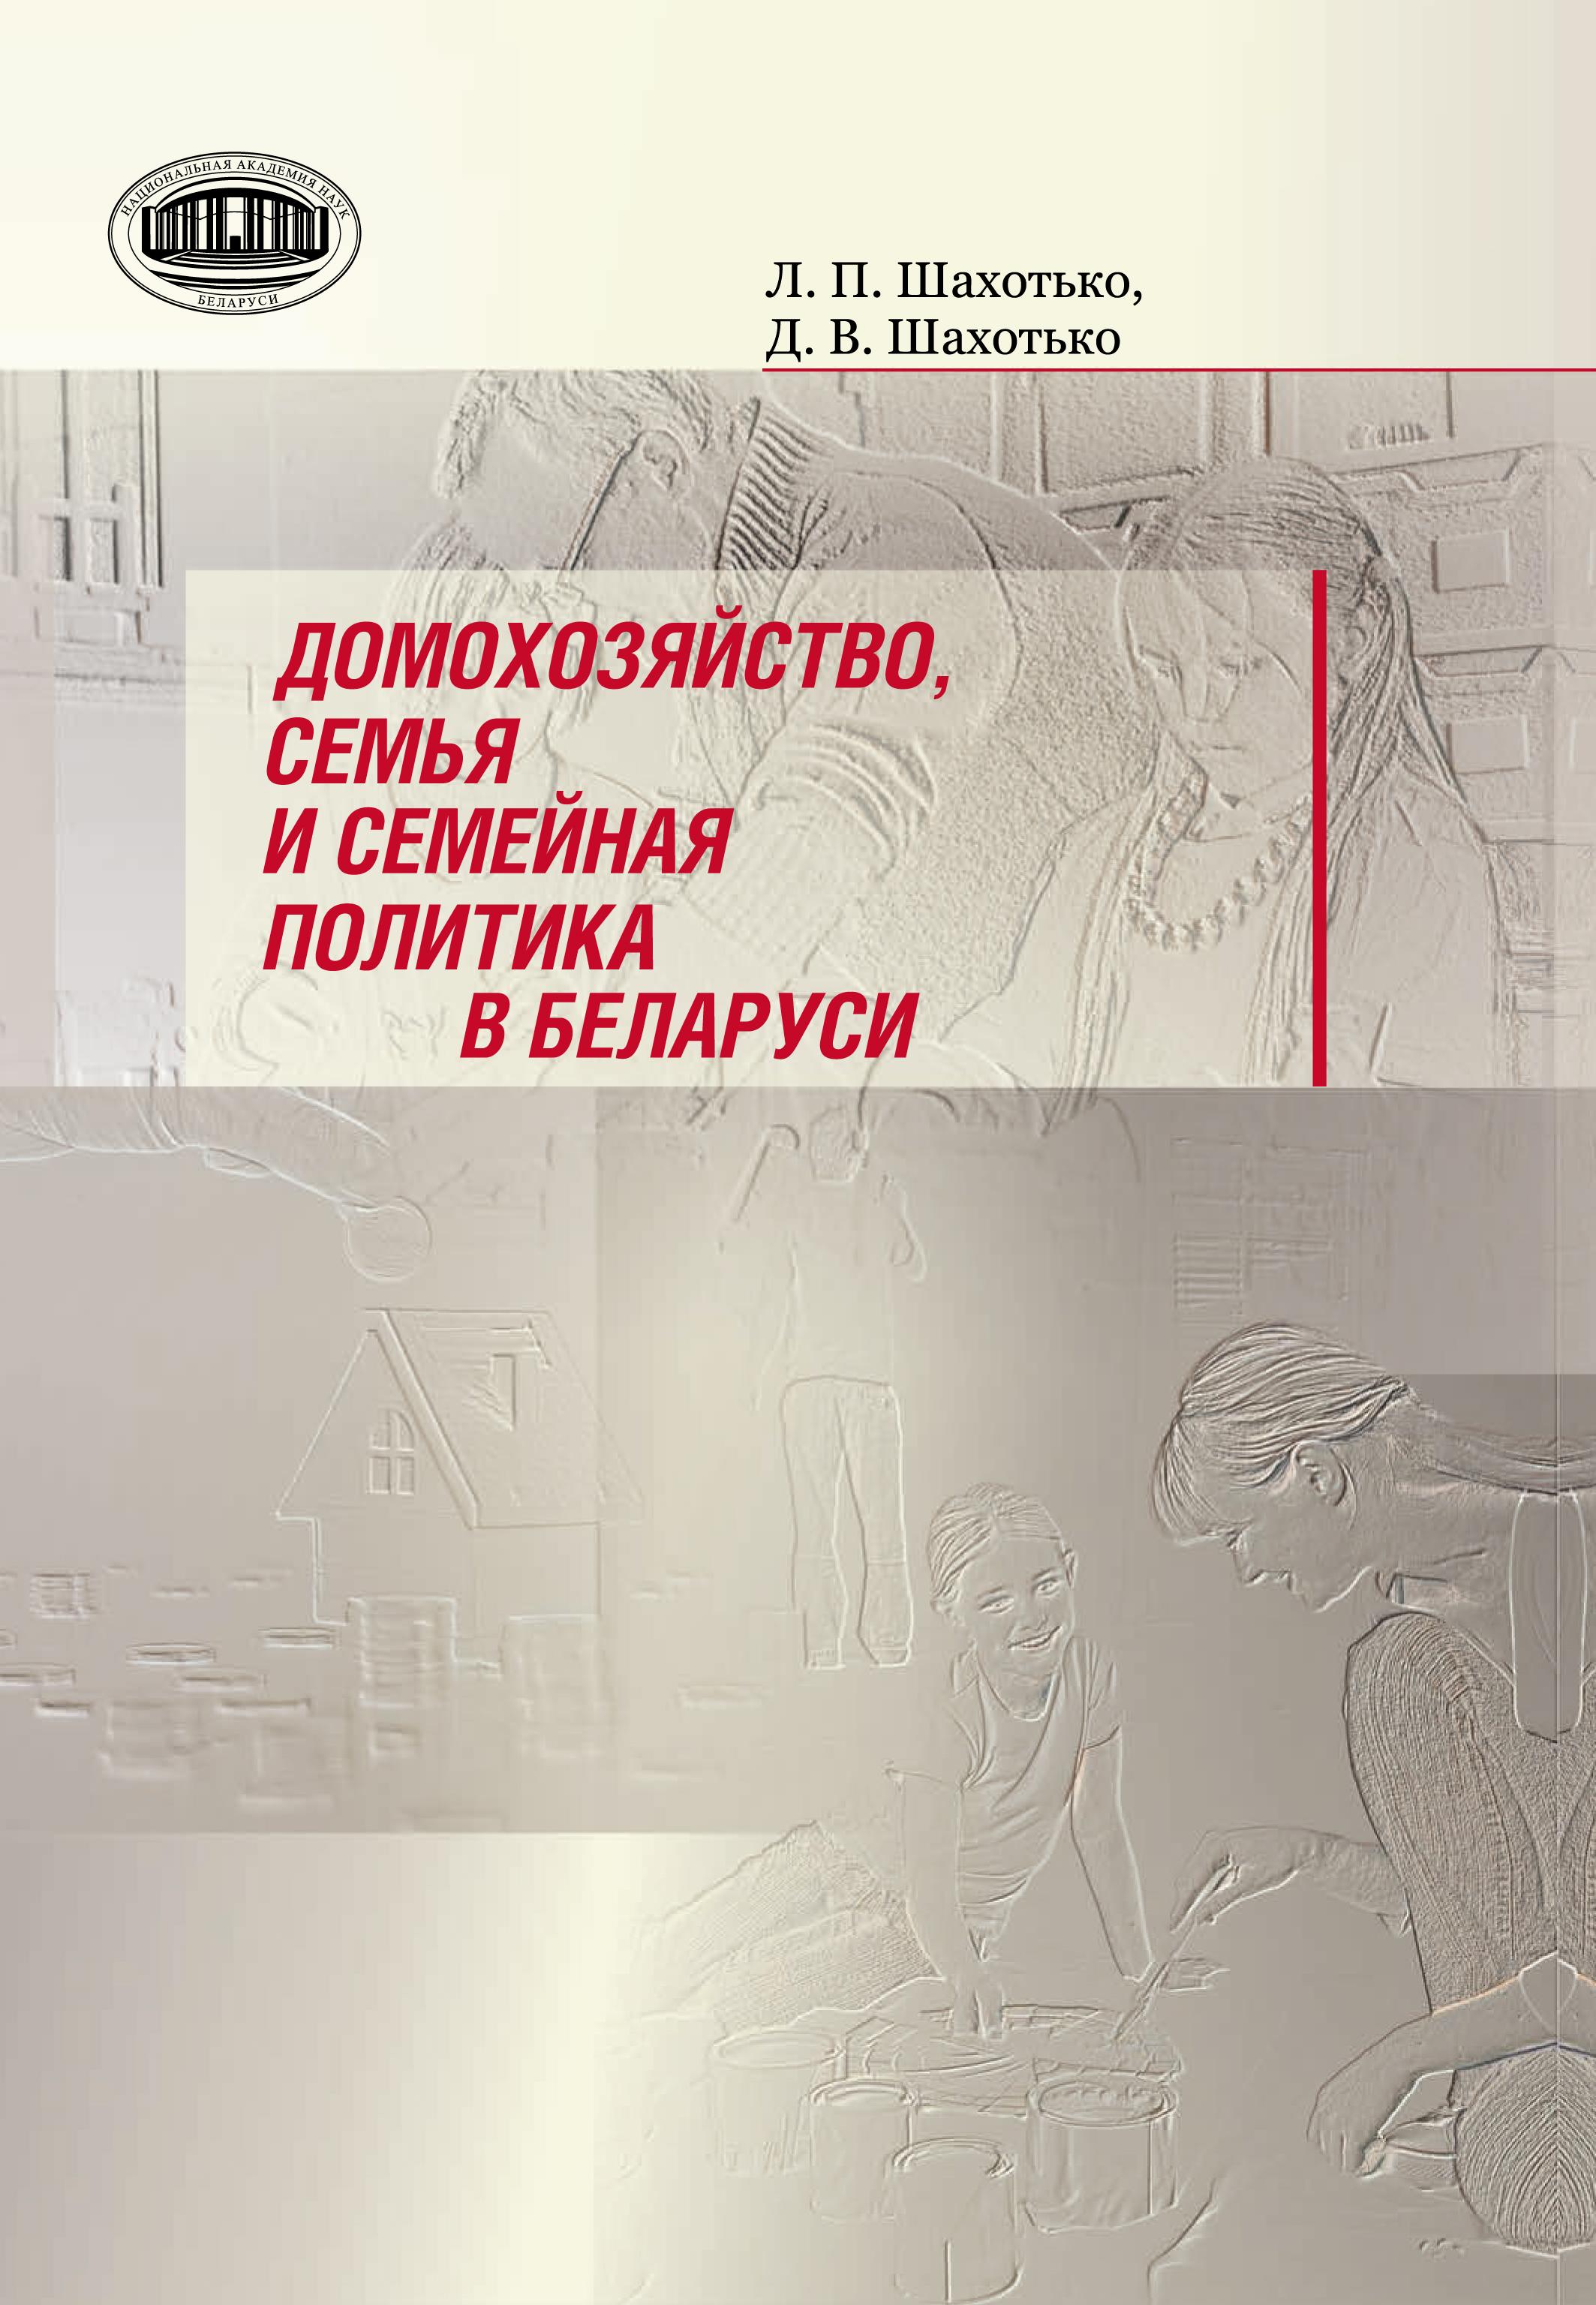 Домохозяйство, семья и семейная политика в Беларуси